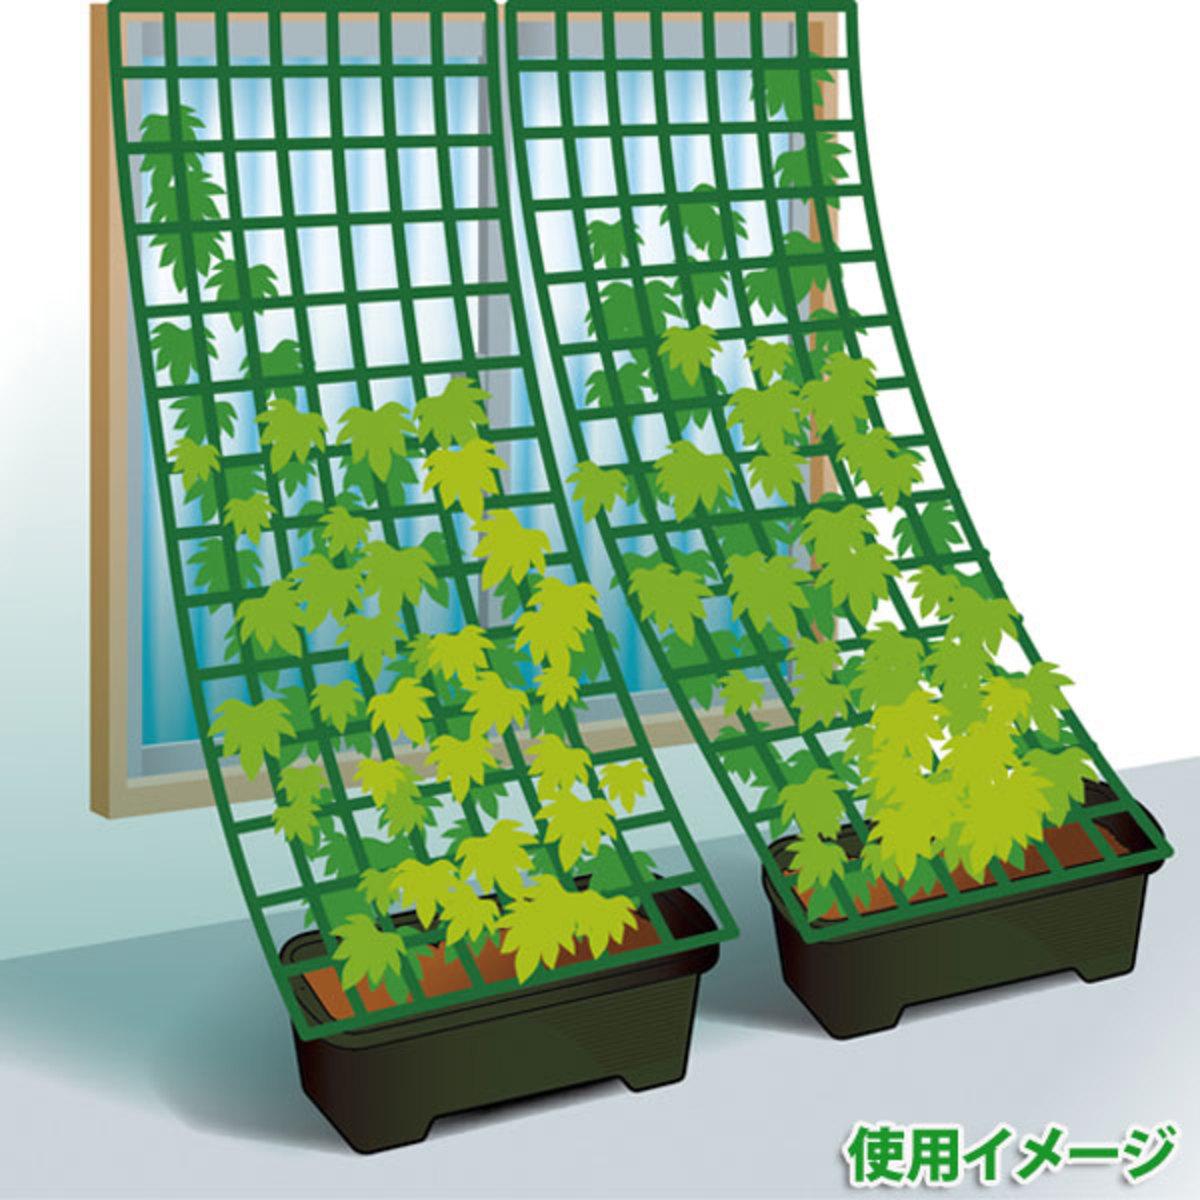 畑で家庭菜園_キュウリの育て方_緑のカーテン風仕立て